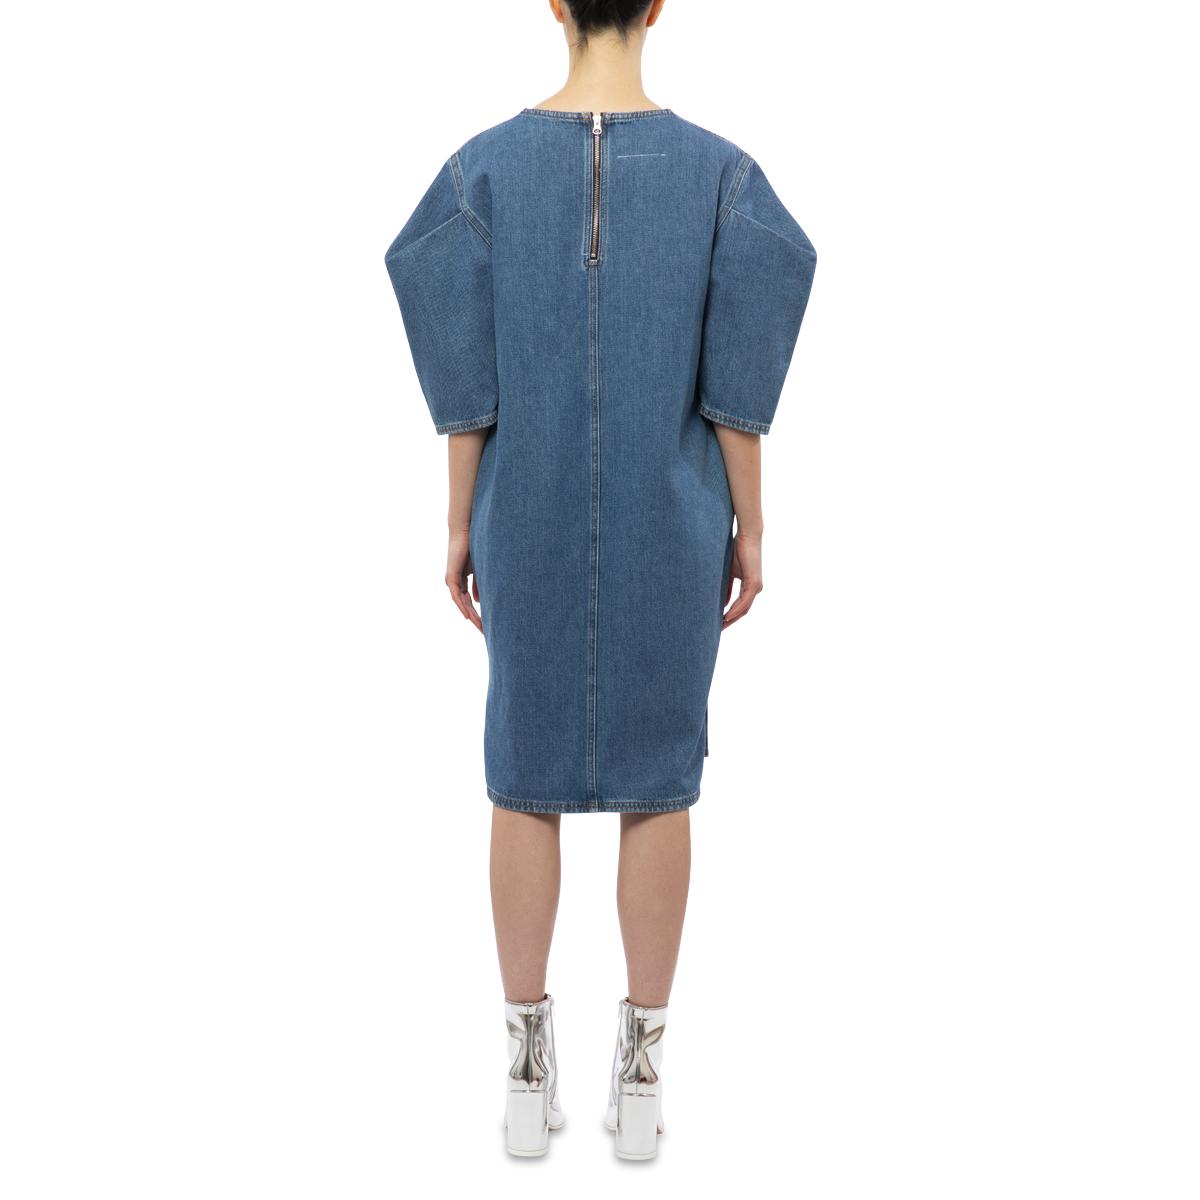 MM6 Maison Margiela Indigo Denim Washed Dress